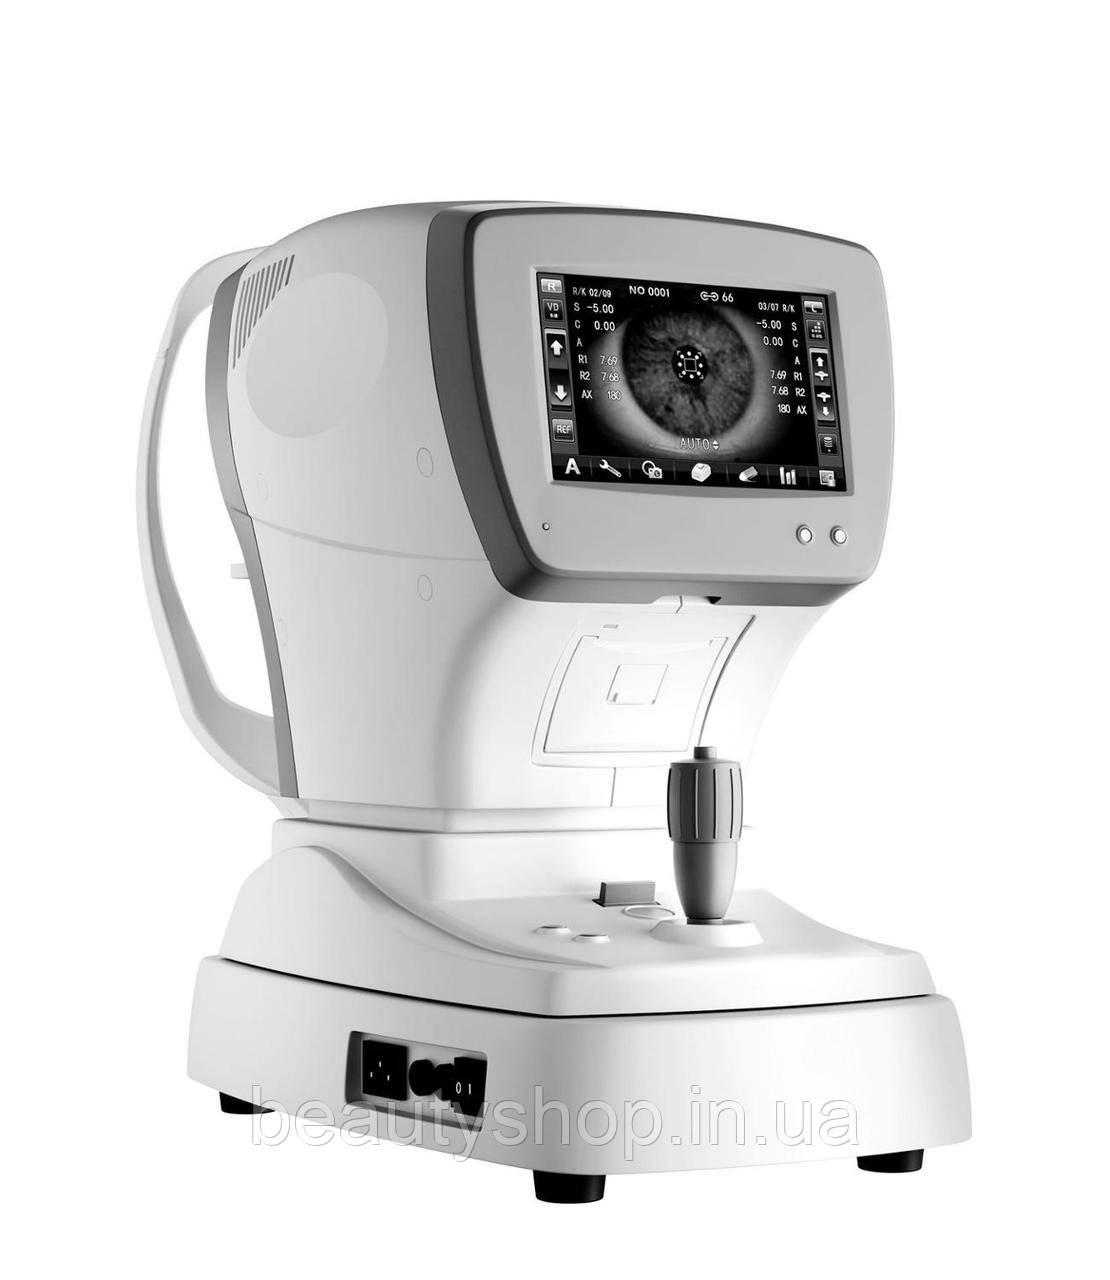 Автоматический оптический рефрактометр 6500K с кератометром FDA и CE